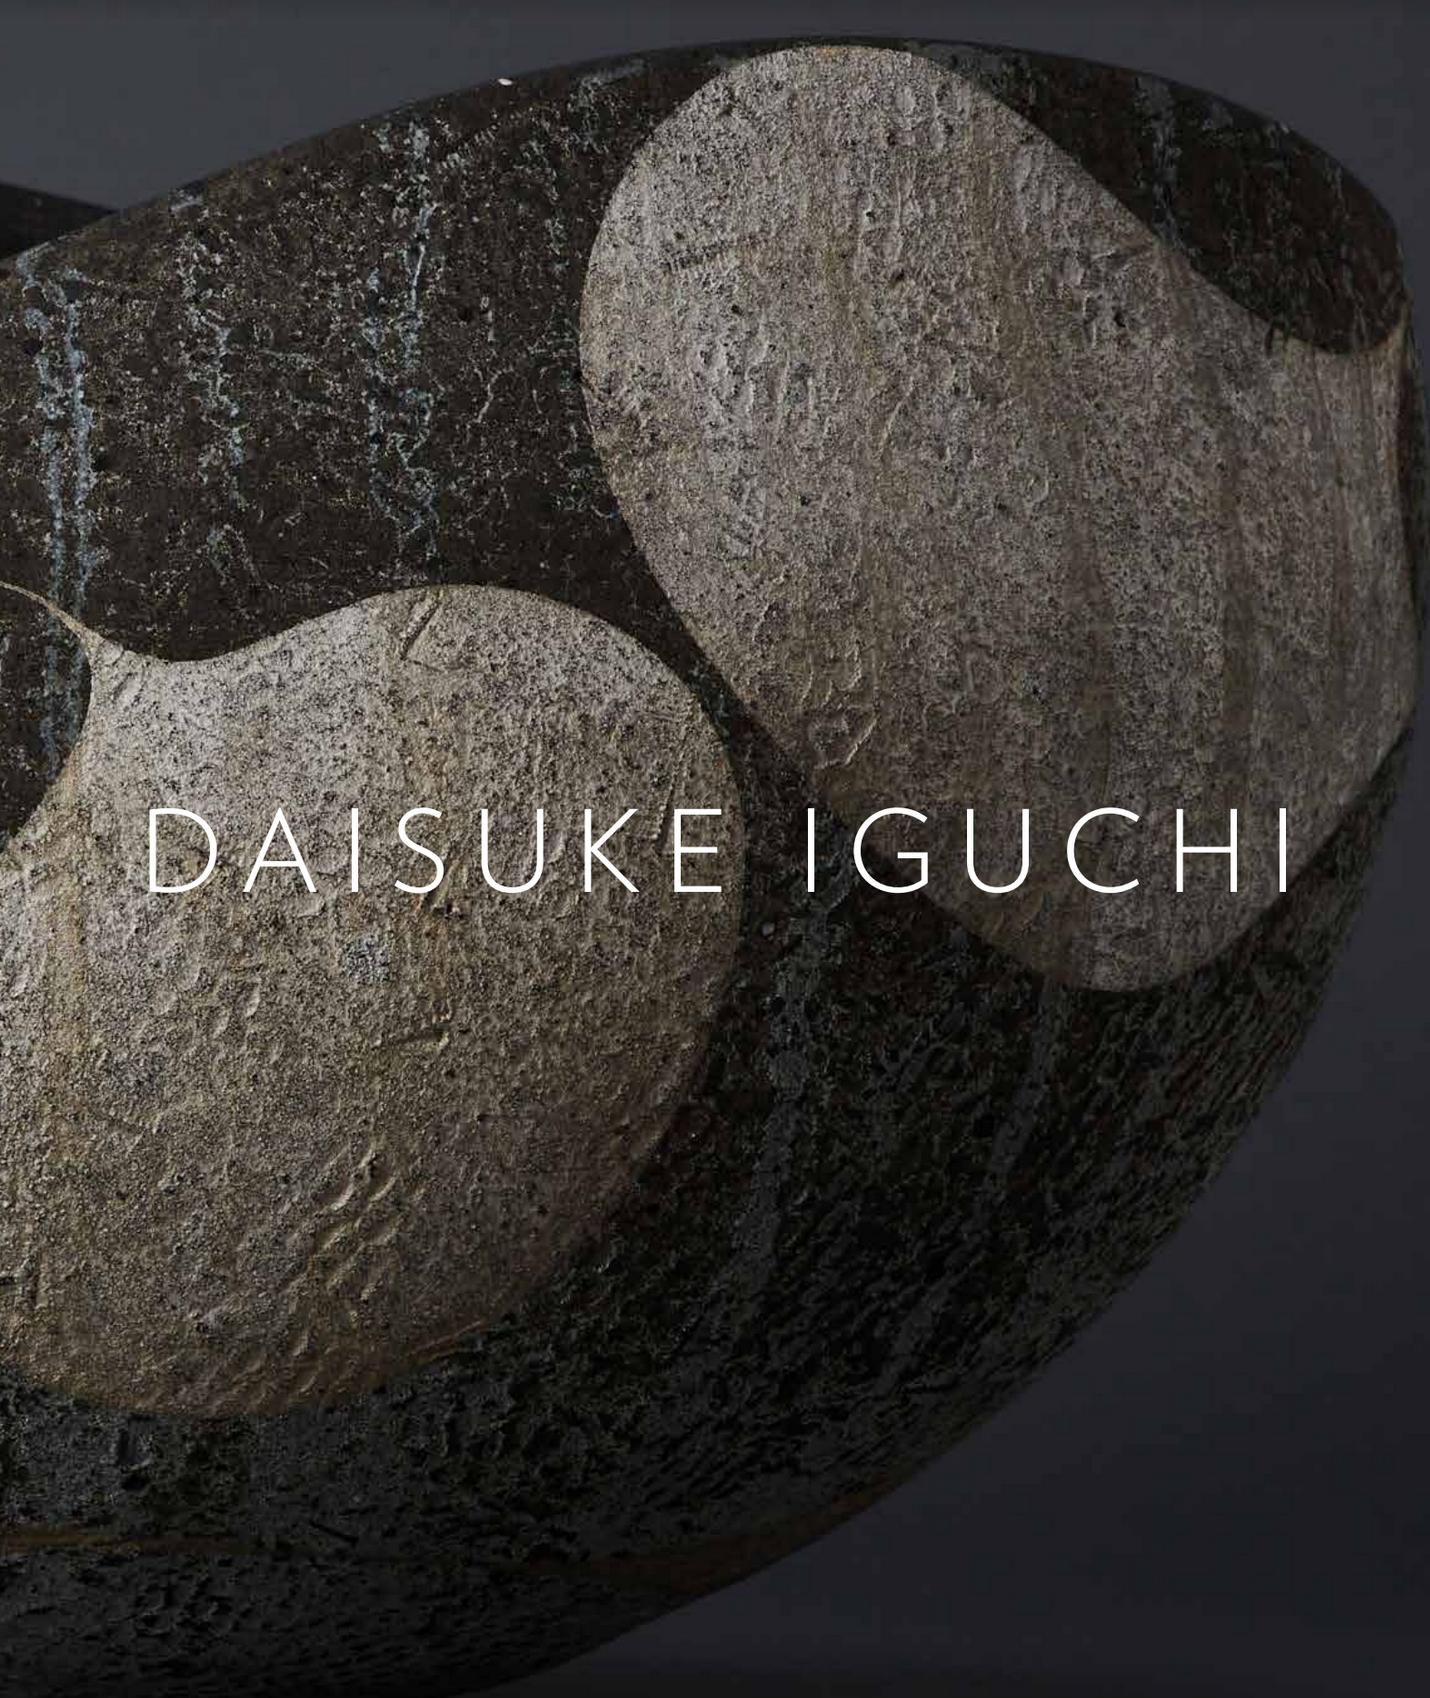 Daisuke Iguchi